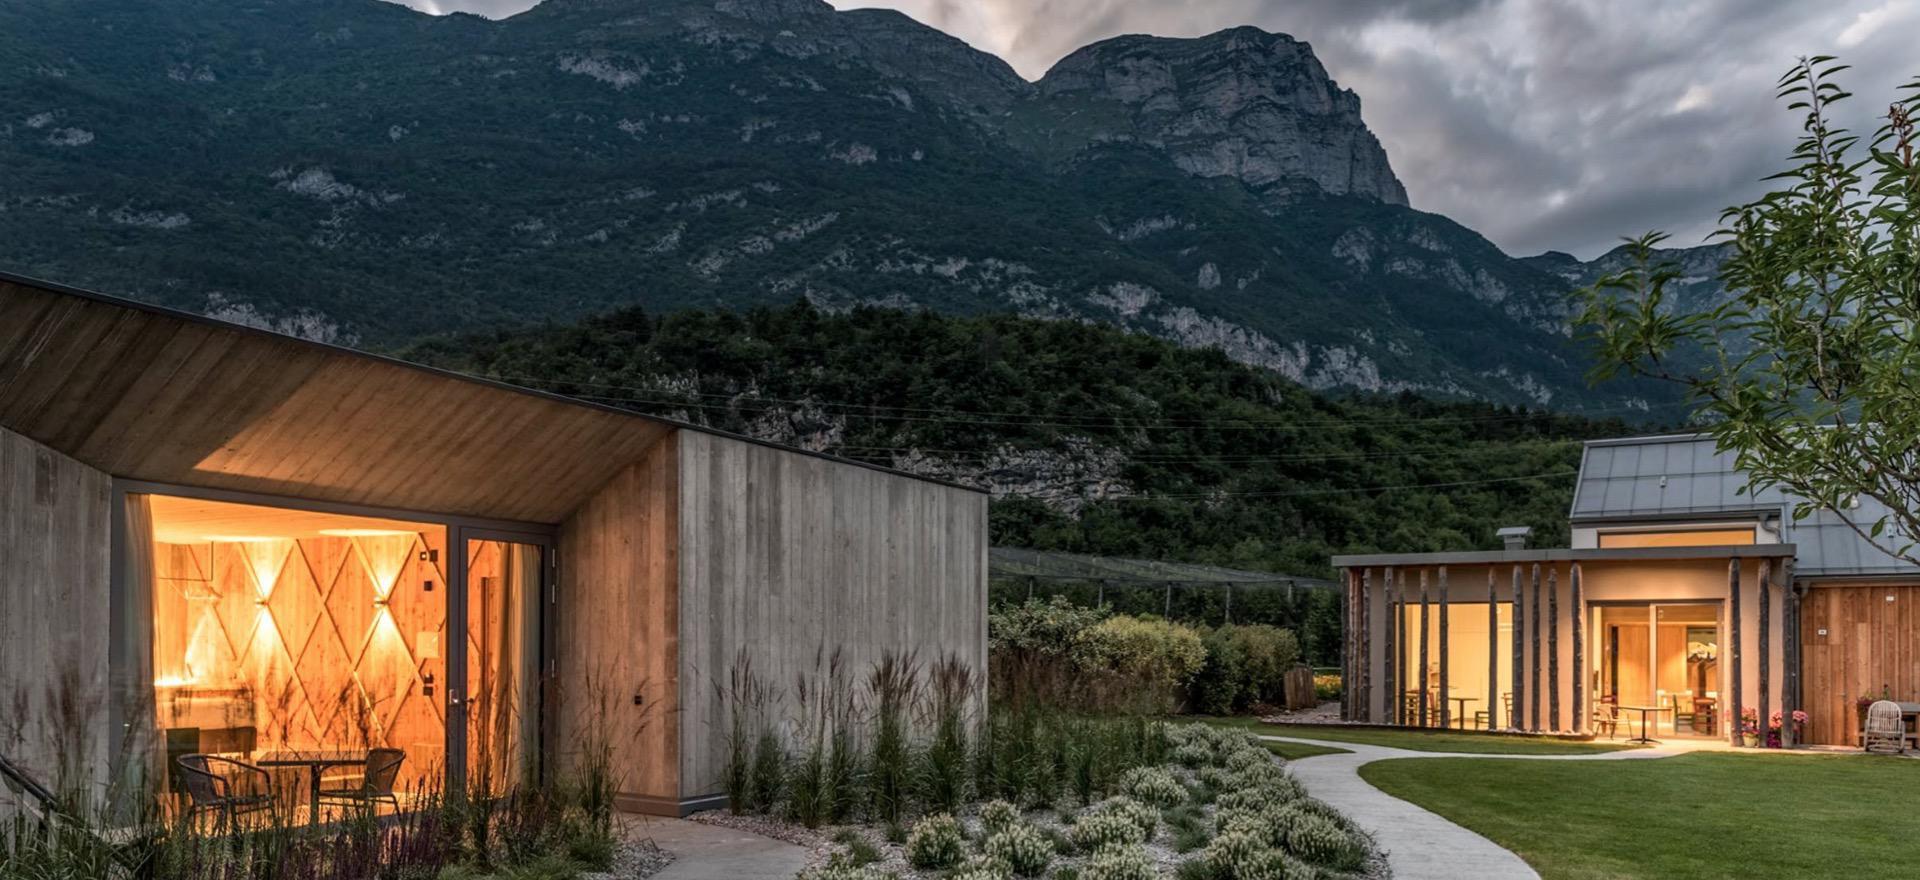 Biologische appel-agriturismo in de merenvallei van Trentino